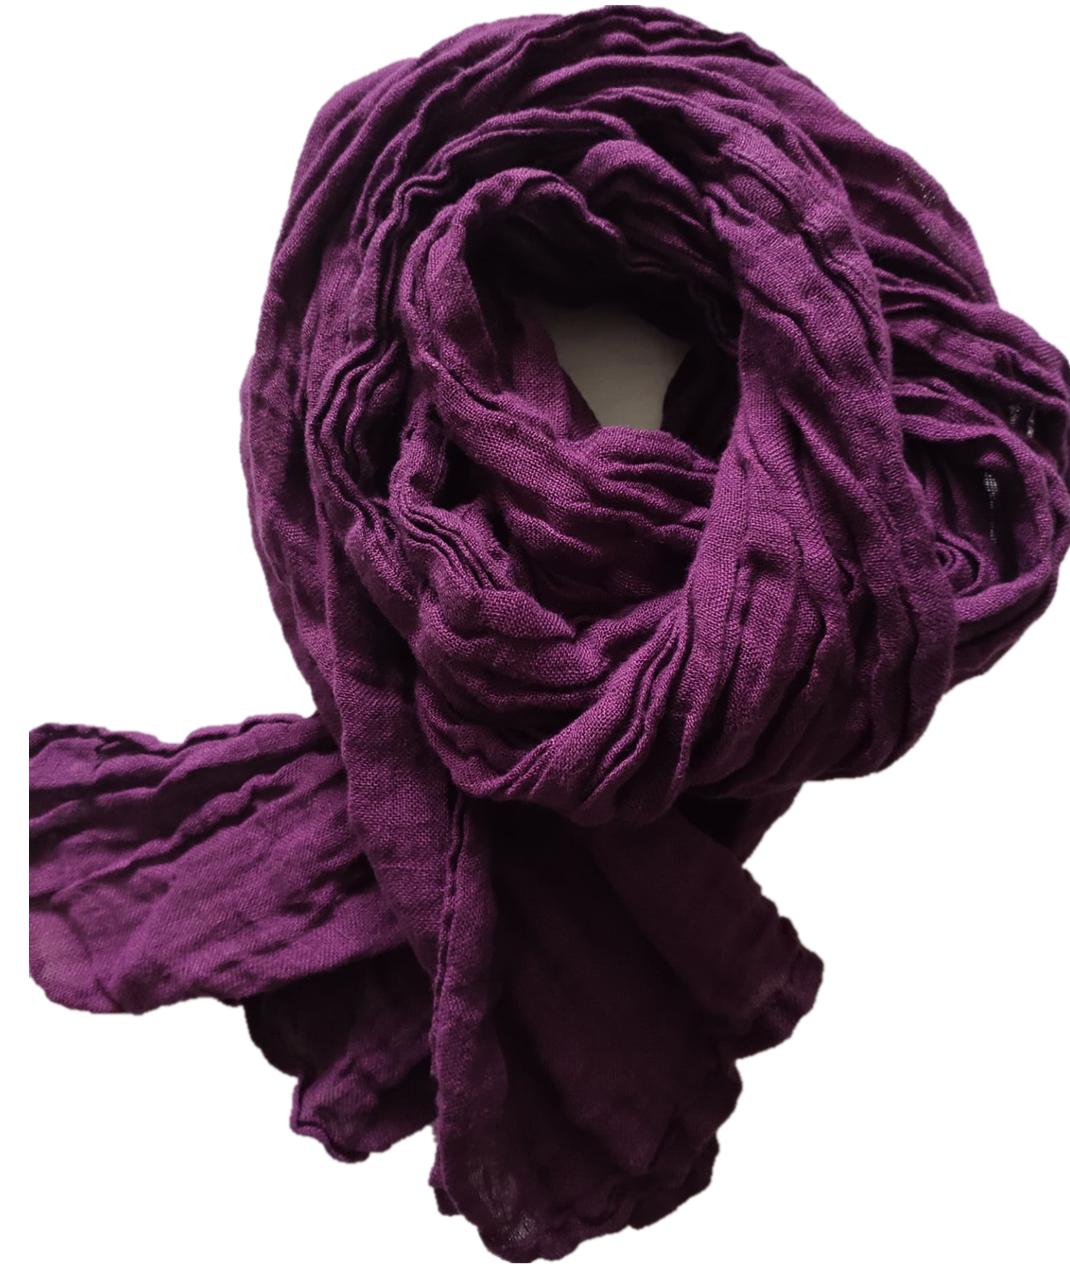 左岸のなんじの布の服のオリジナルのデザインの風格と綿の麻のしわの純色の長方形のマフラーの春秋の夏